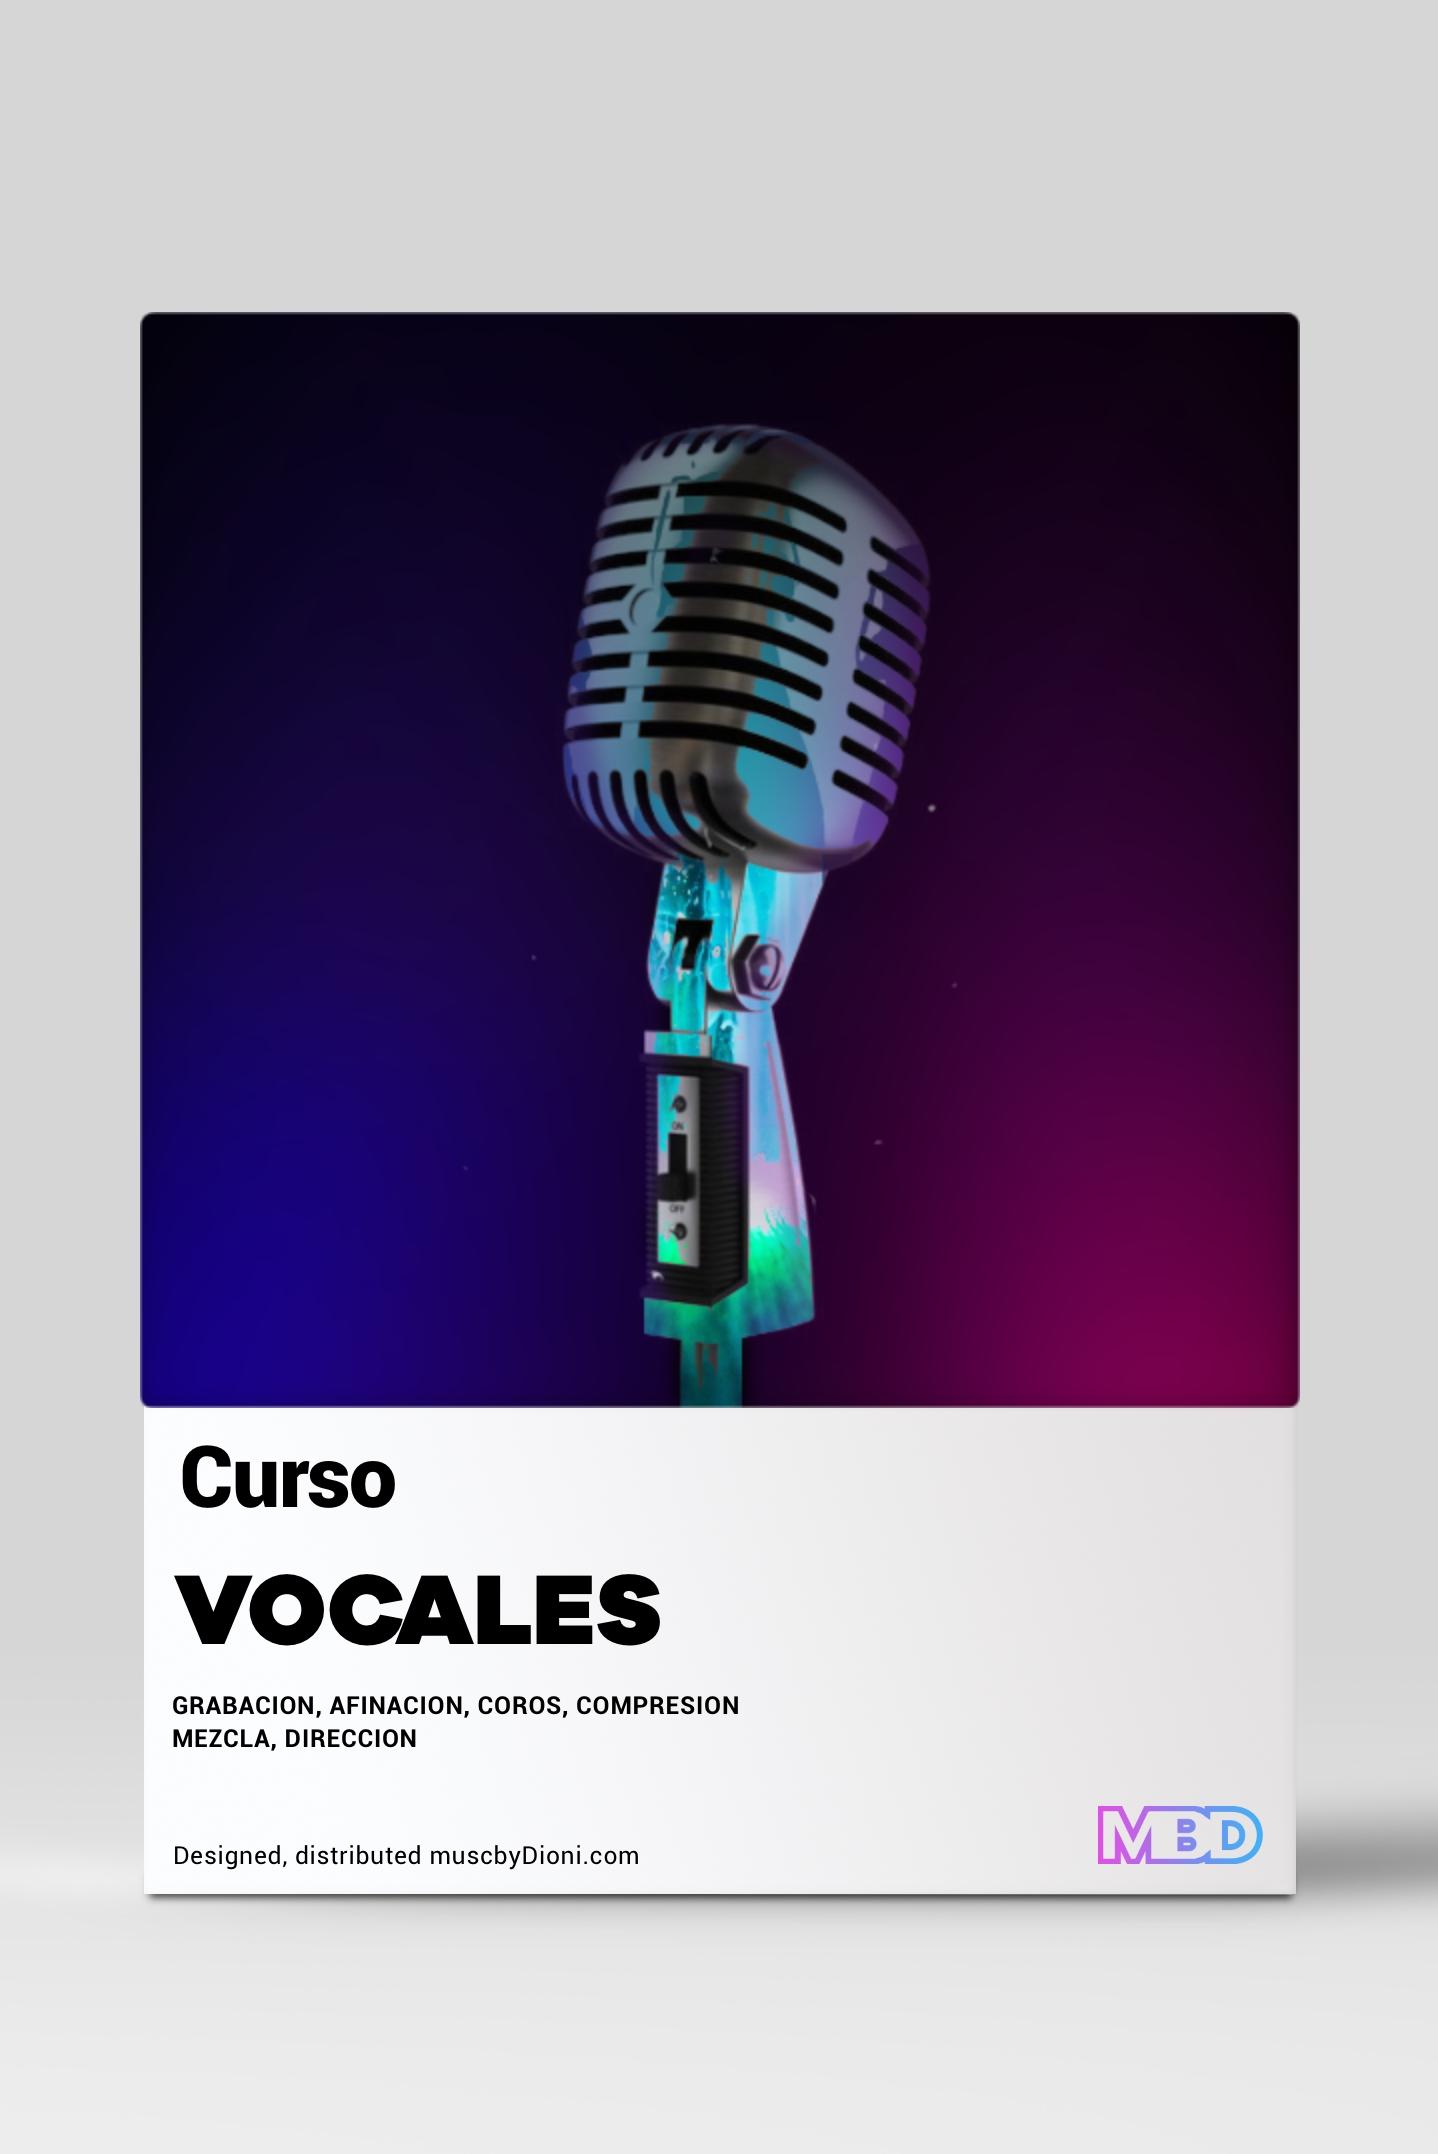 Curso Vocales